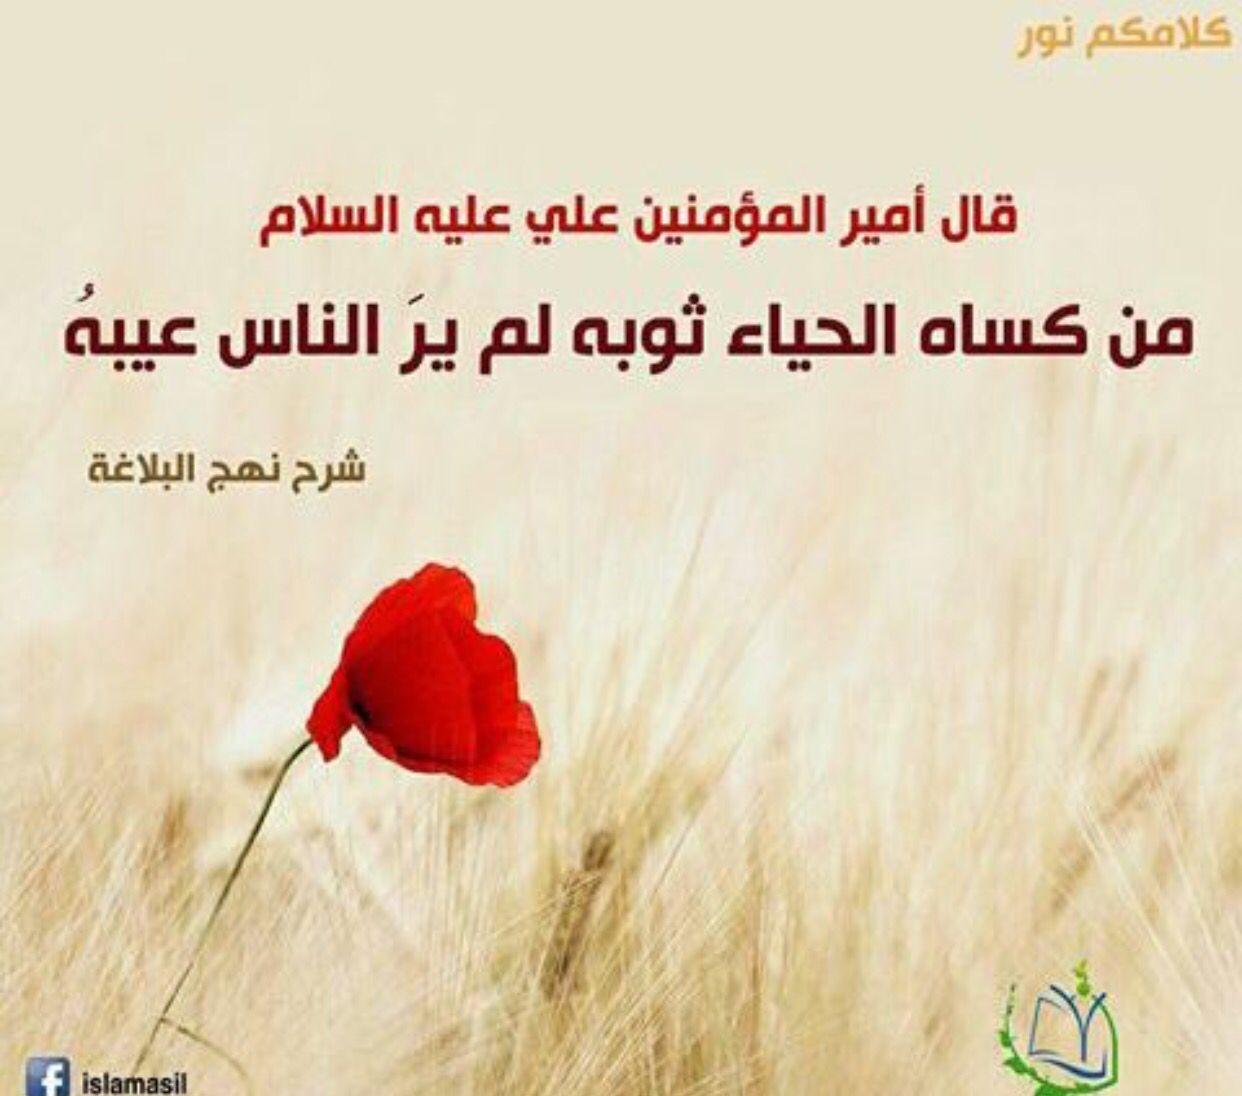 من أقوال سيد البلغاء الإمام علي بن أبي طالب Poems Movies